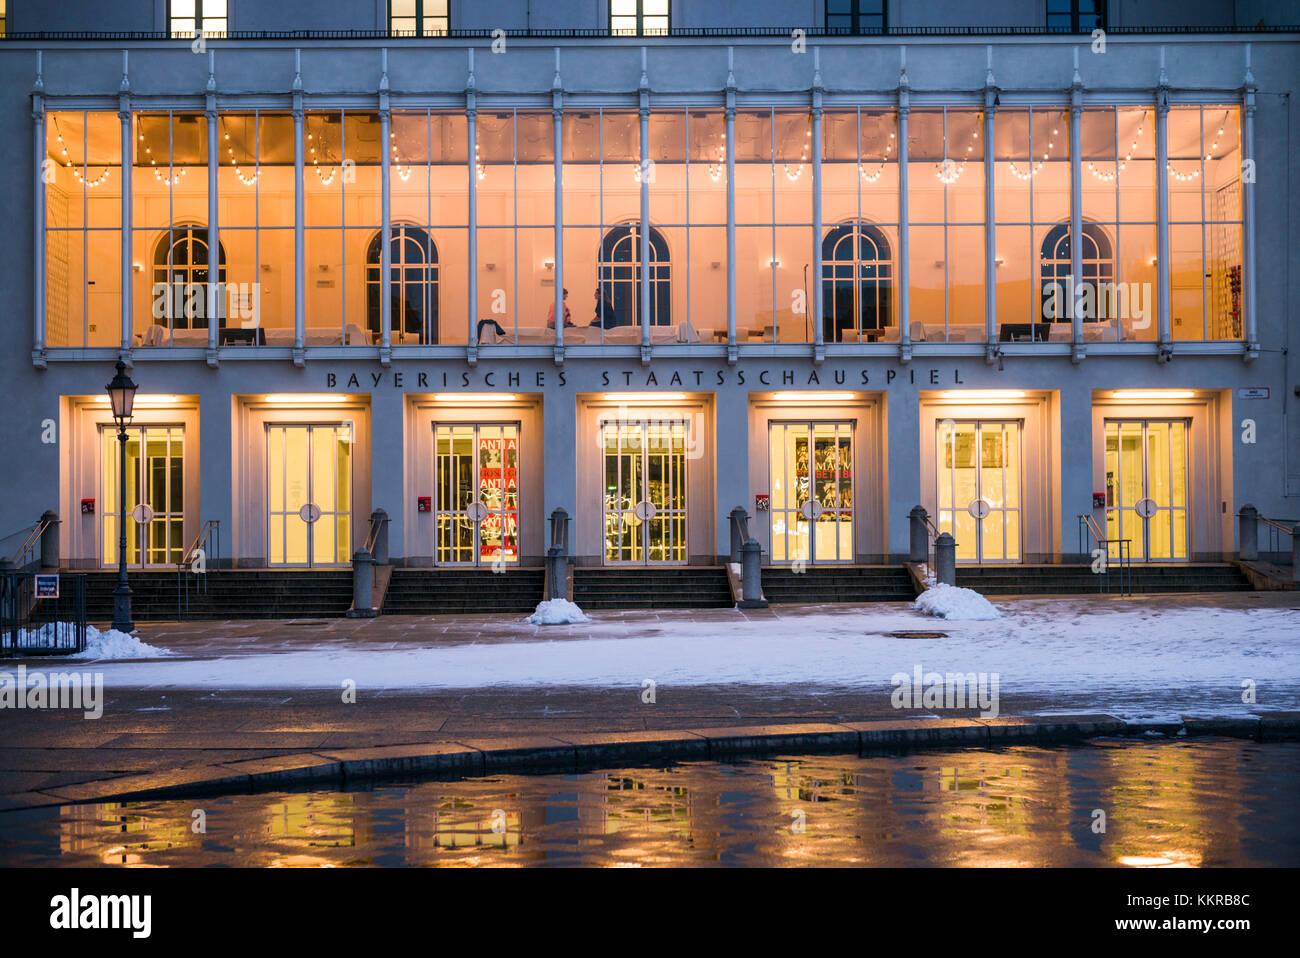 Germany, Bavaria, Munich, Bayerische Staatsoper, operahouse, evening - Stock Image